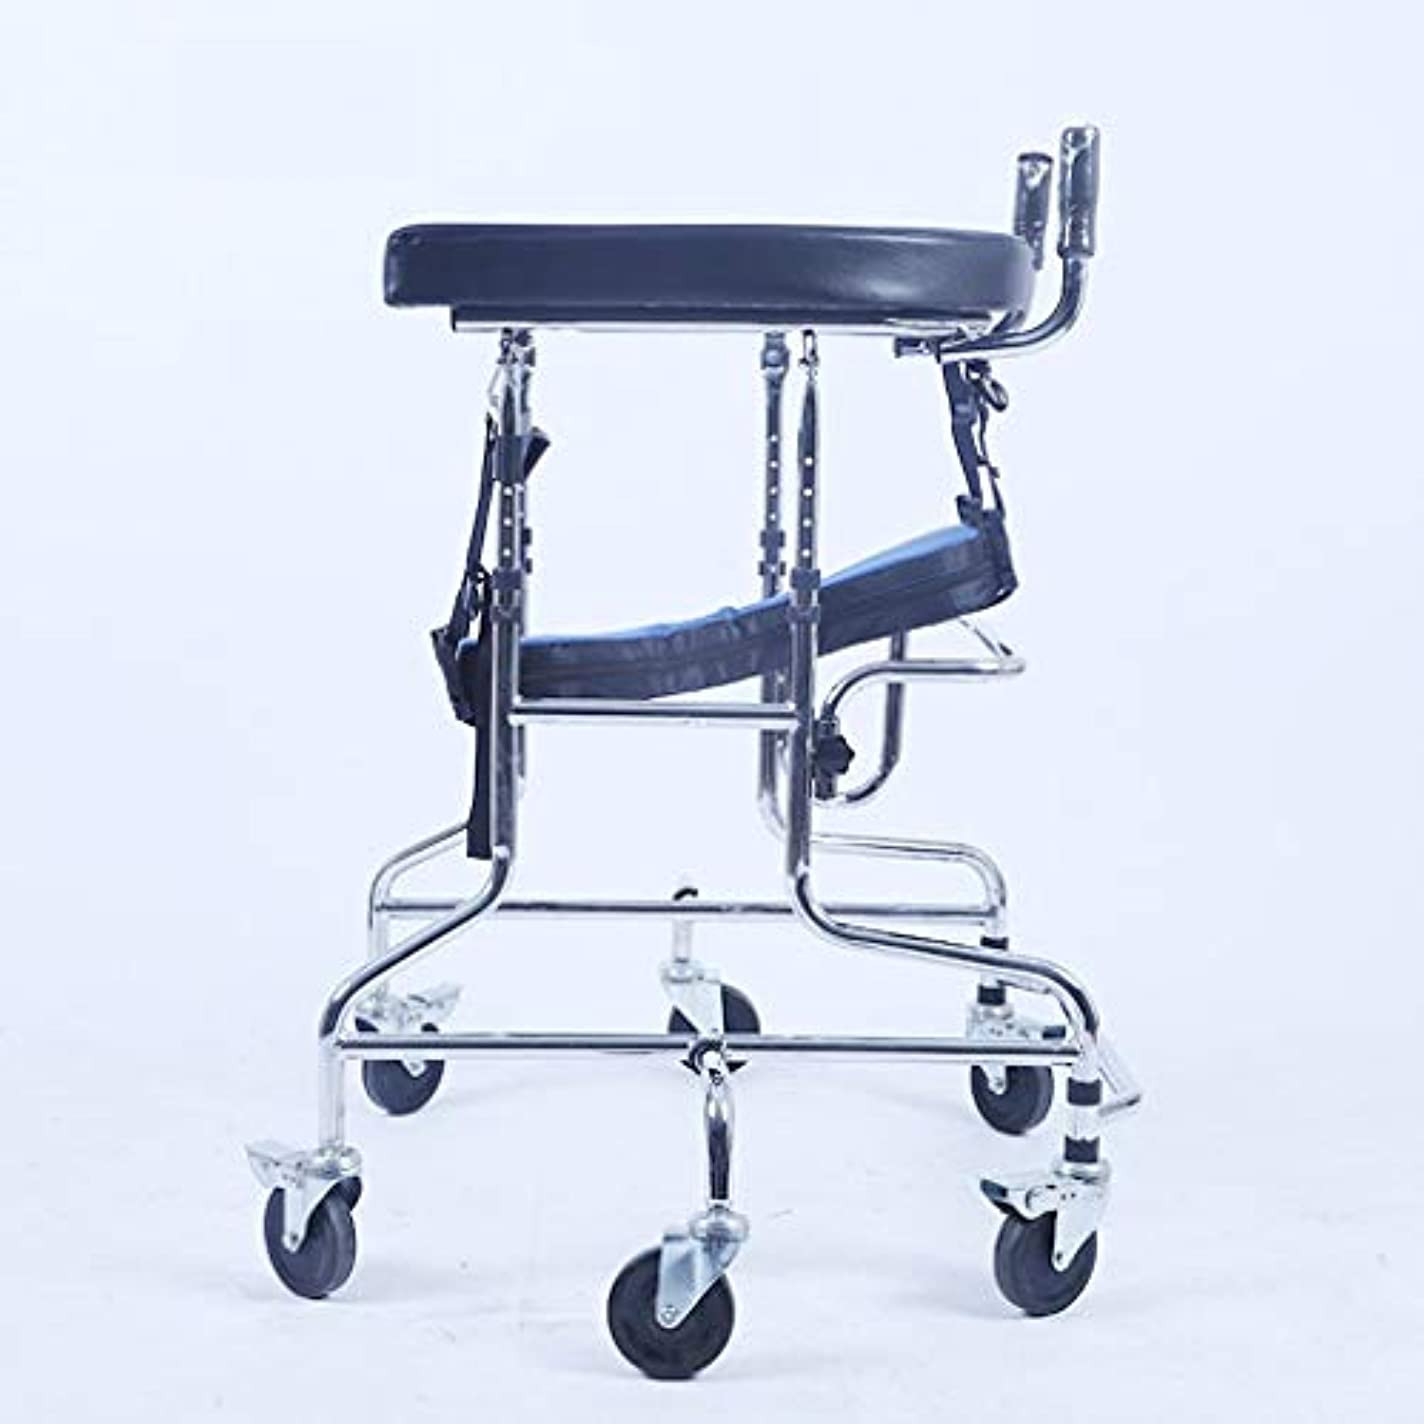 マイルストーン申し立てる命令子供下肢トレーニング?リハビリ機器/リハビリ機器/スタンディングウォークスタンド/ウォークエイド/ウォーカー/スタンドホイール付きシートホイール(サイズ:C)